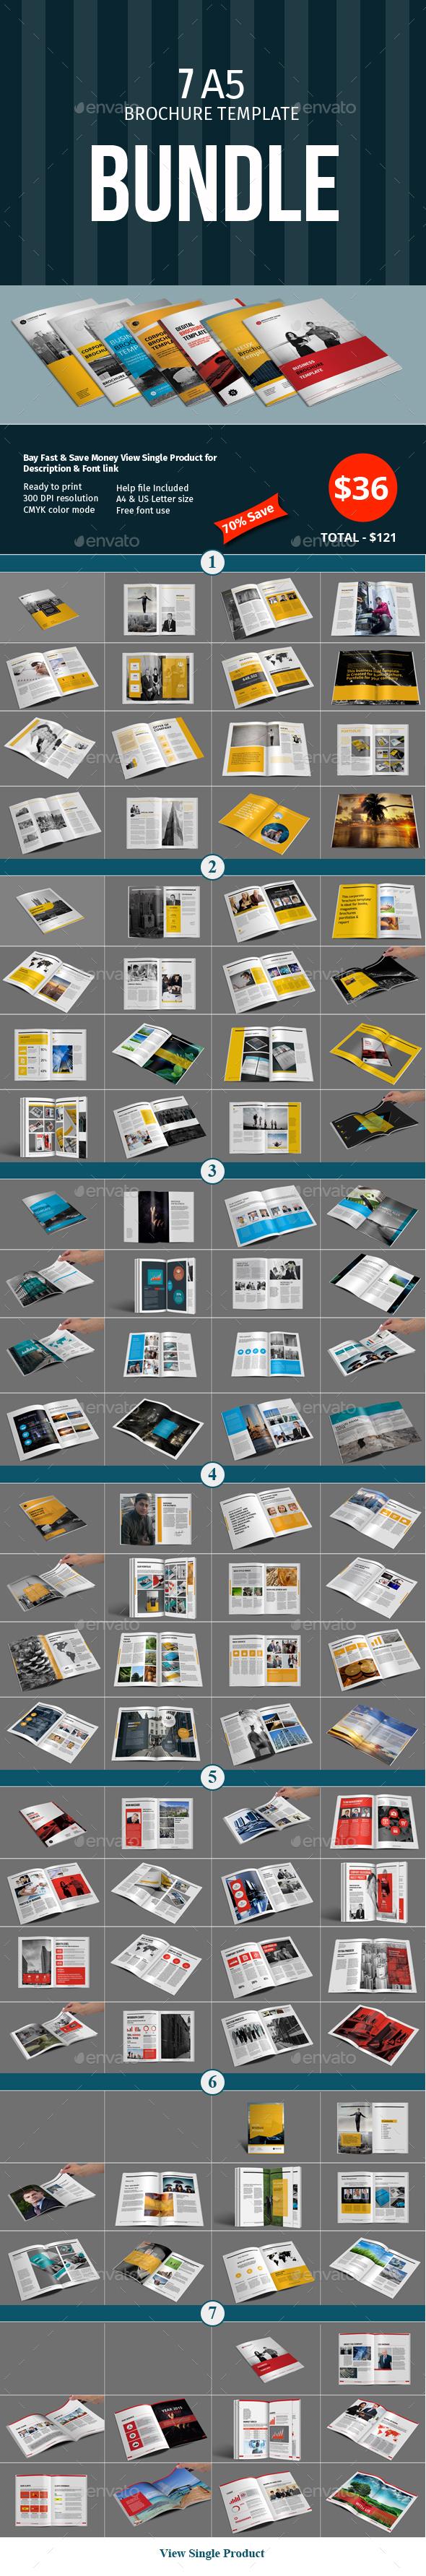 A5 Brochure Template Bundle - Corporate Brochures